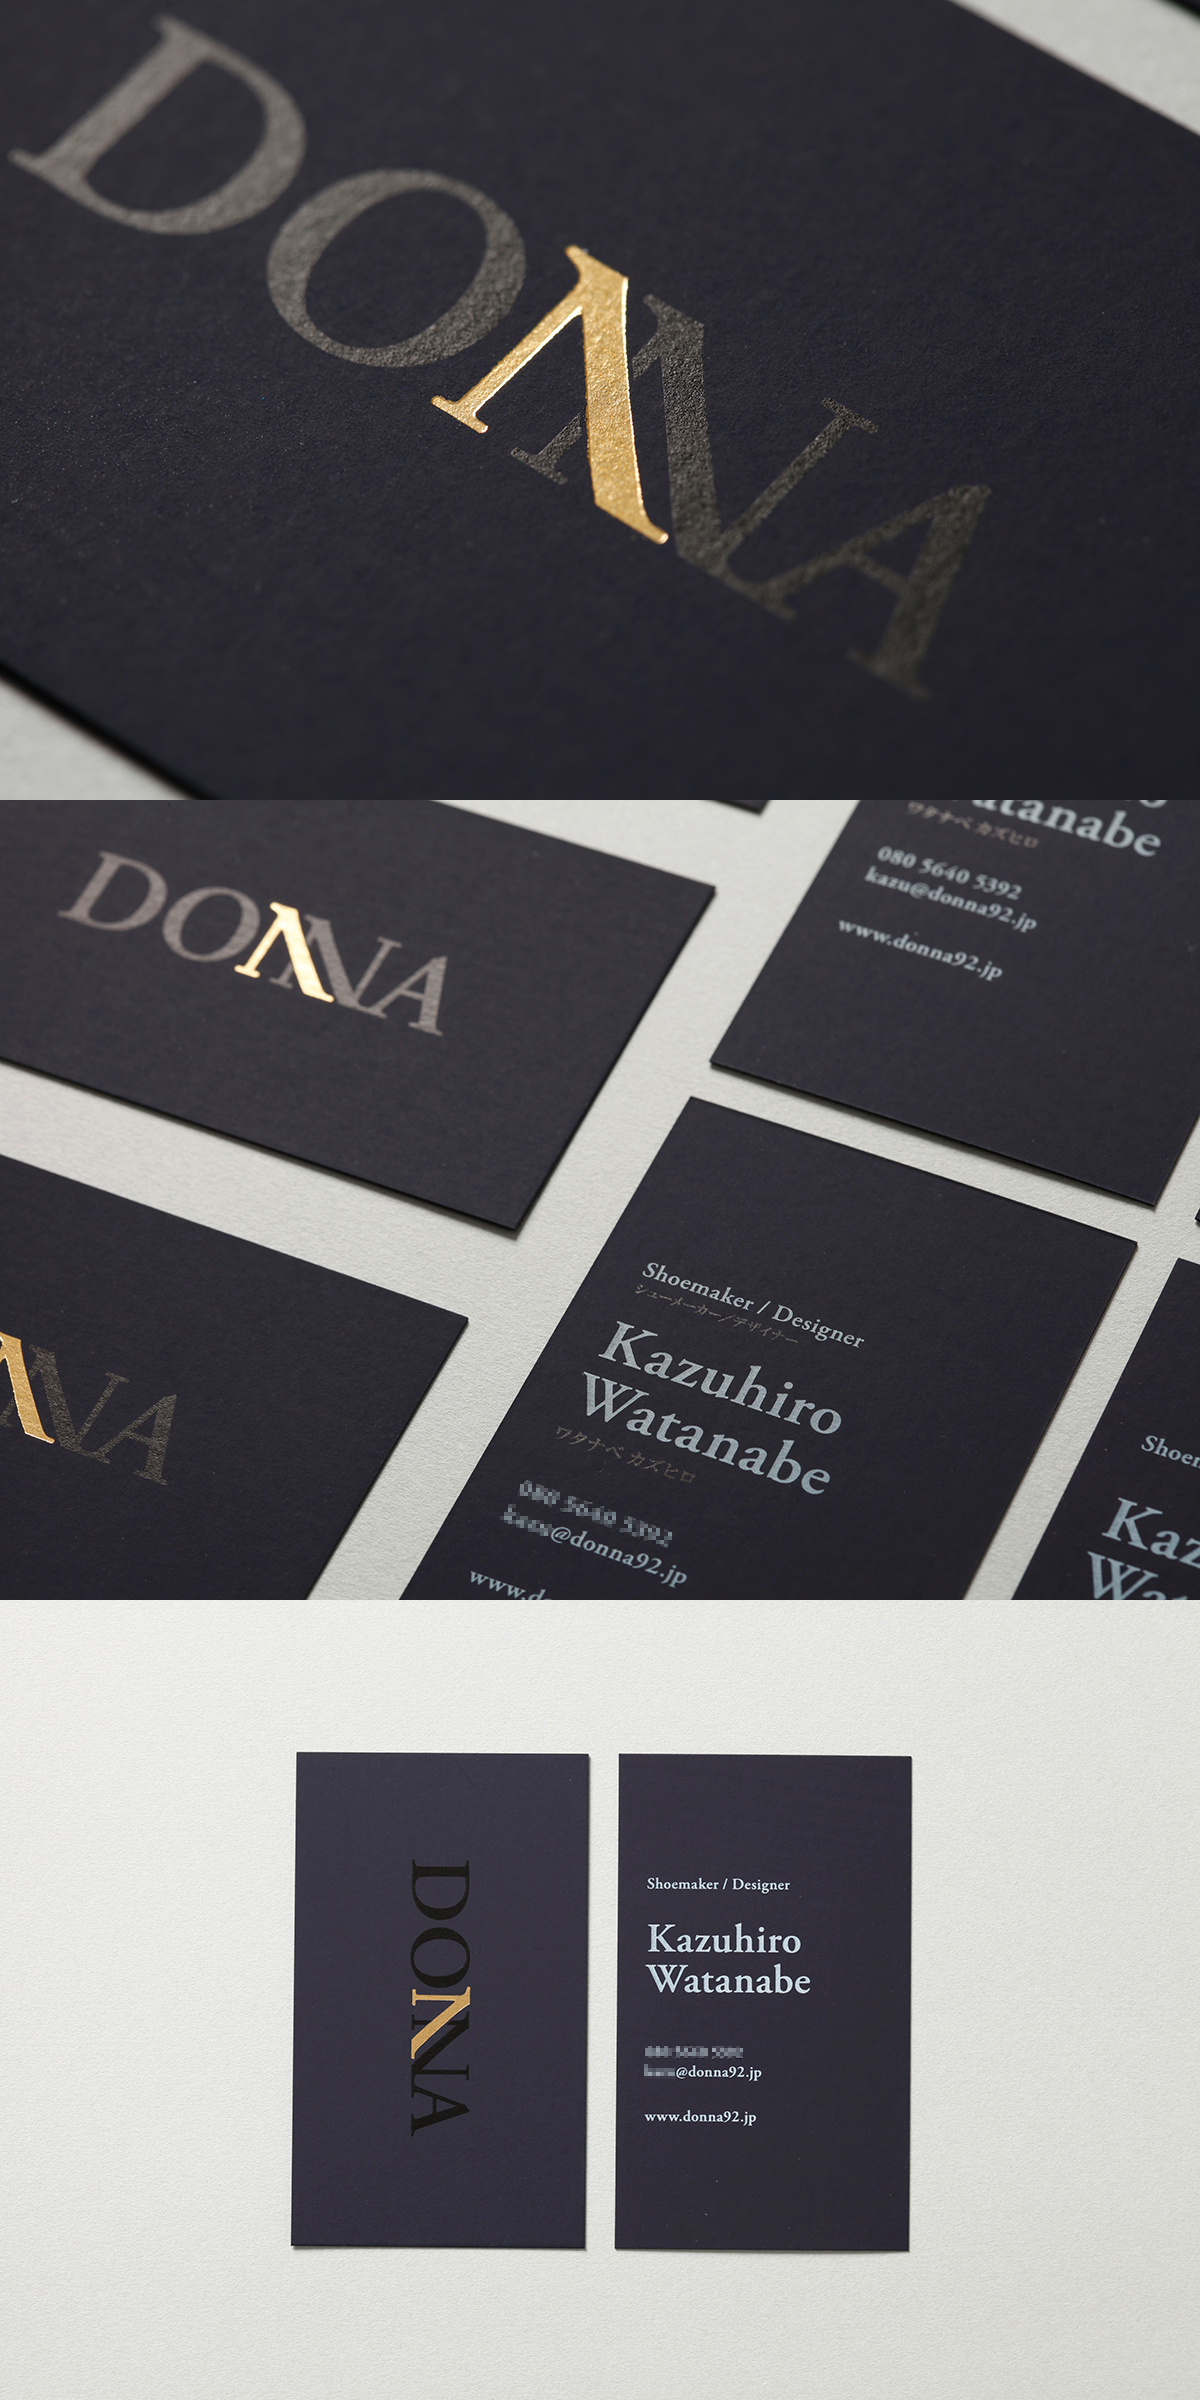 donna_01